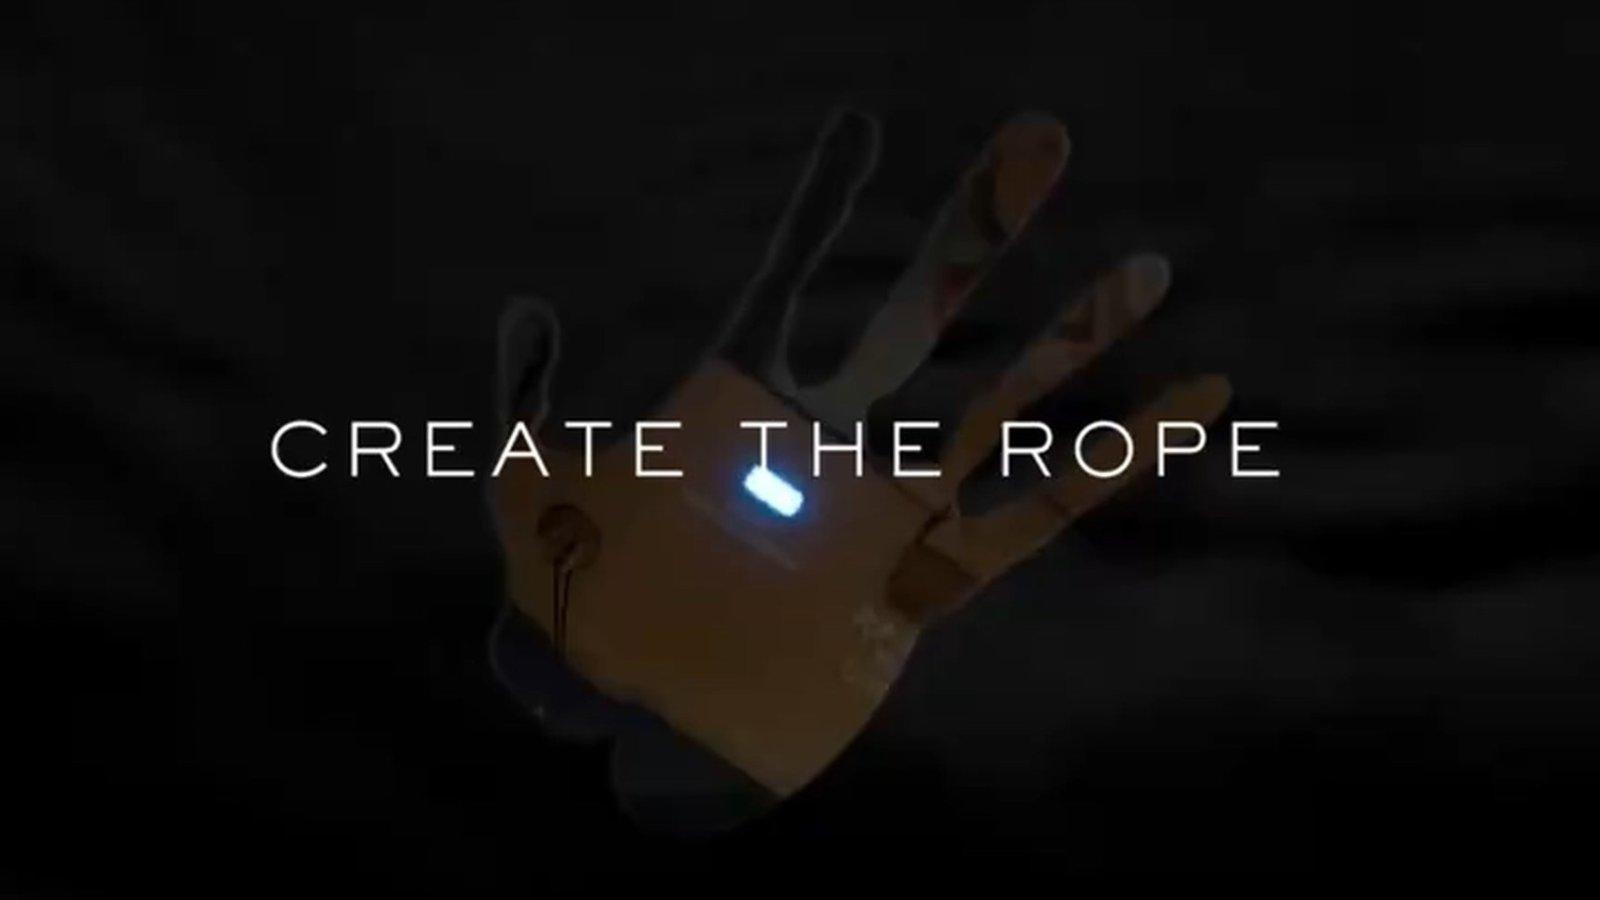 """小岛秀夫公开全新《死亡搁浅》先导预告片:""""CREATE THE ROPE"""""""